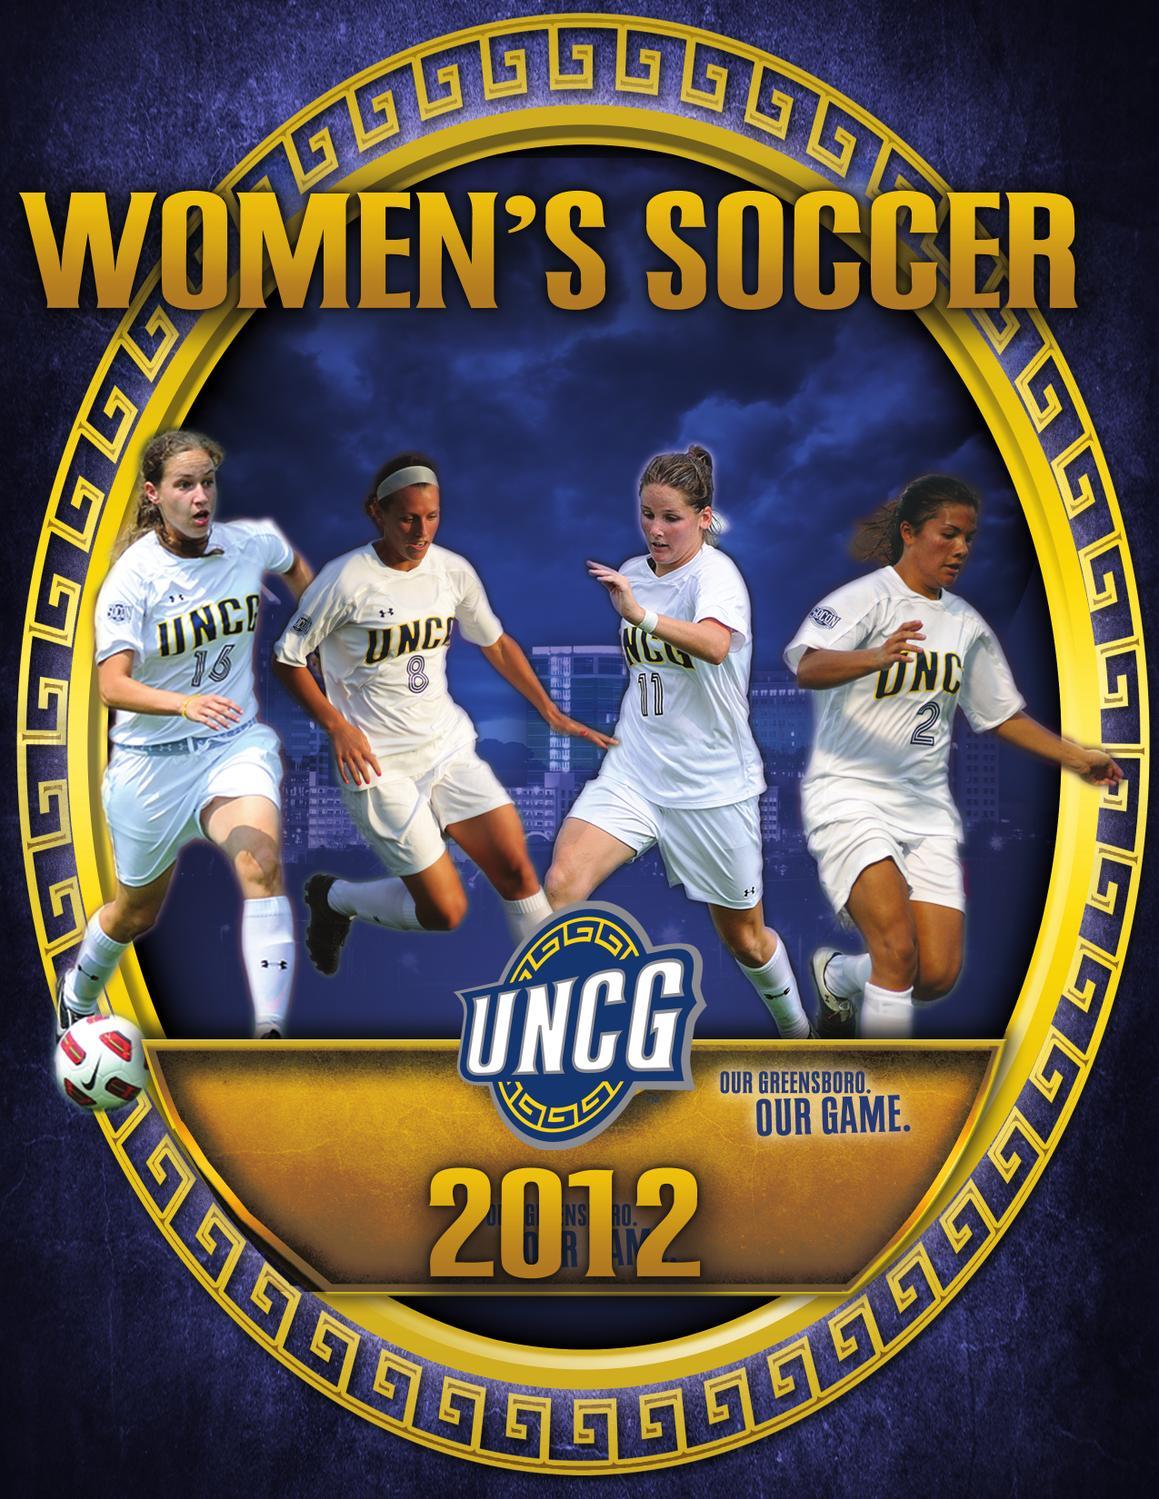 2012 Women s Soccer Digital Guide by UNCG Athletics - issuu eedc4db3b